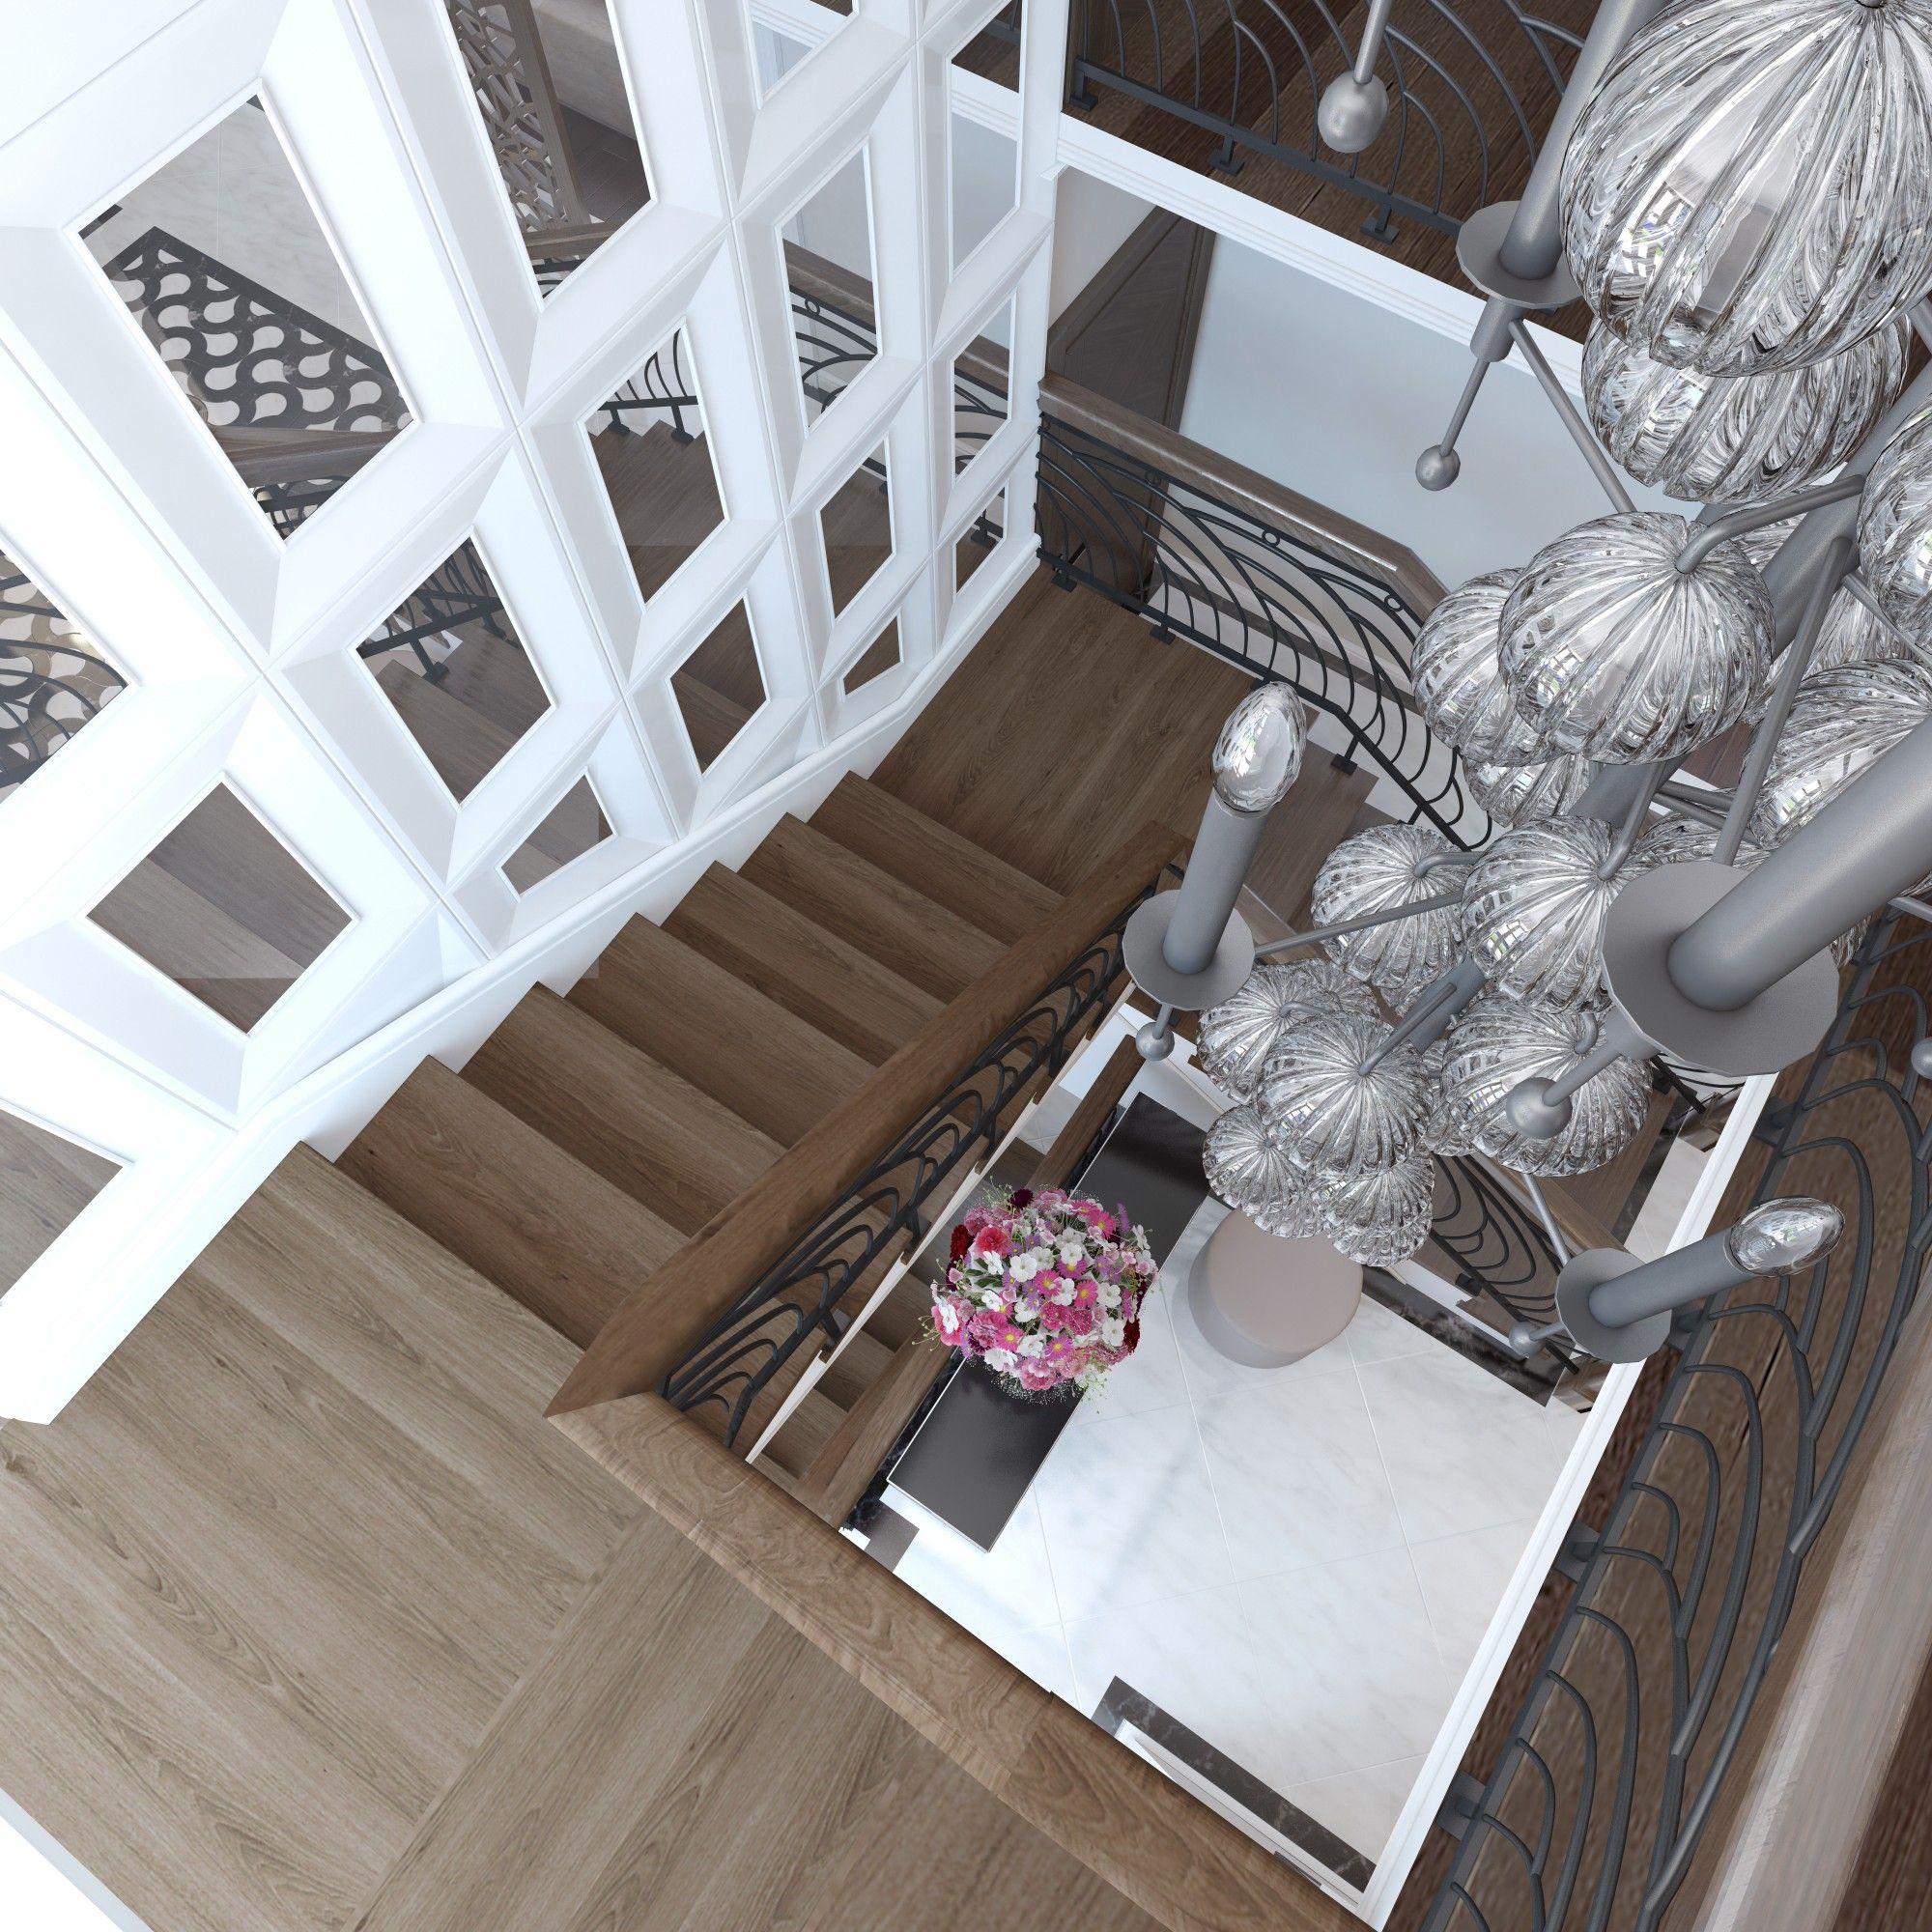 Лестница. Дизайн интерьера дома.